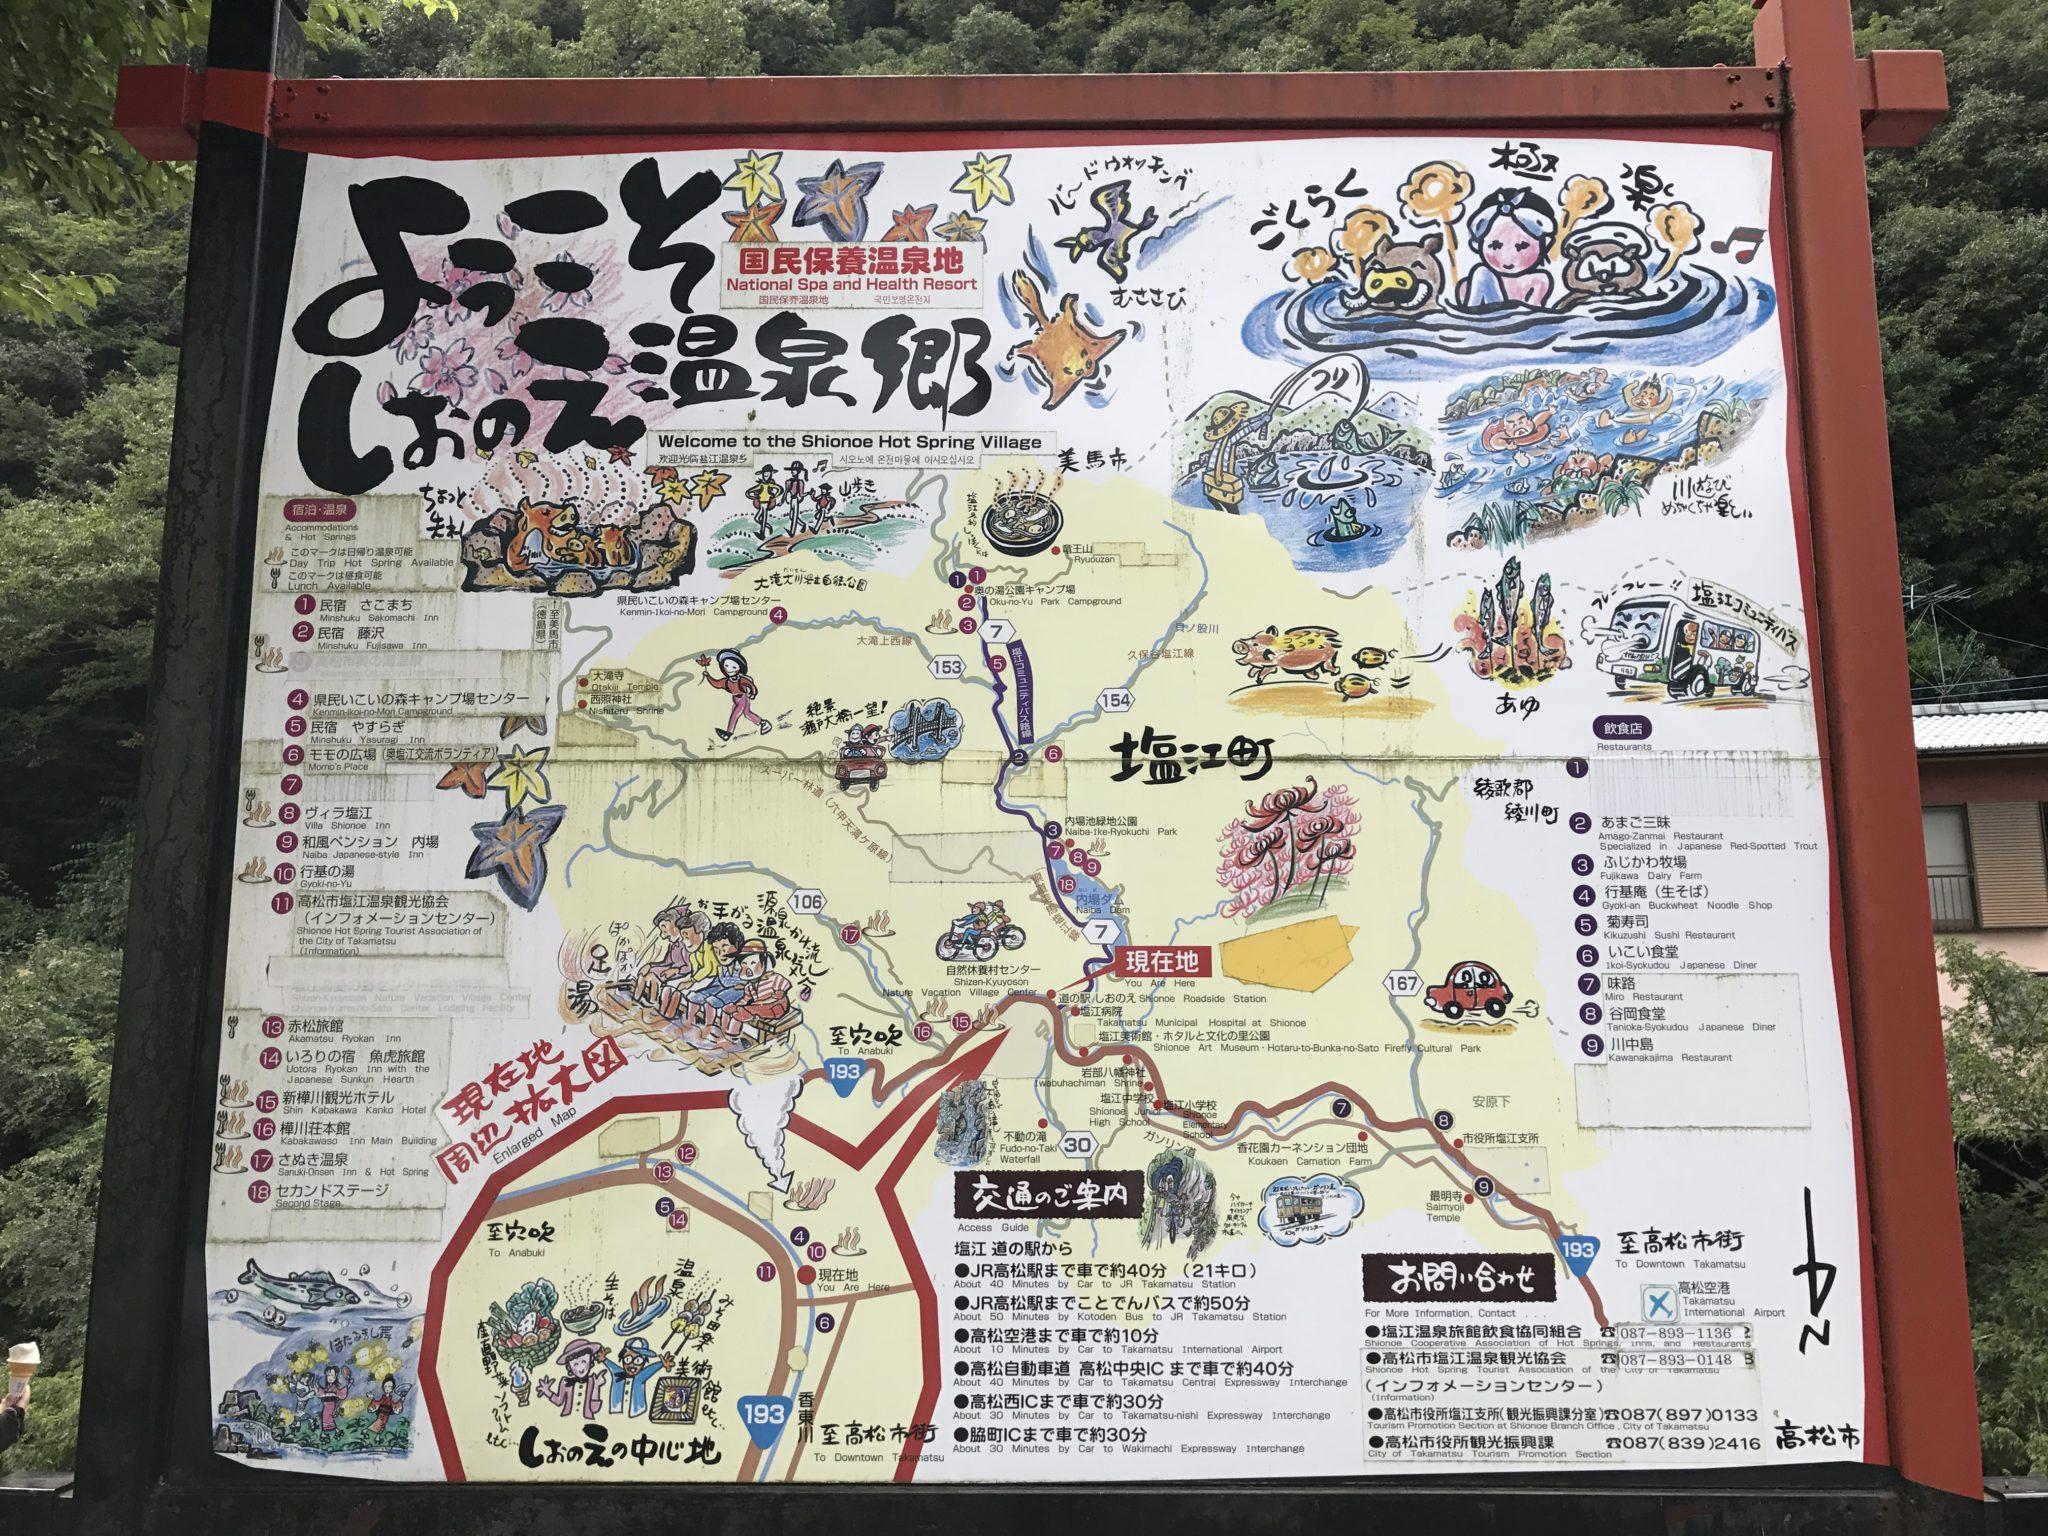 【香川観光】讃岐の奥座敷 塩江温泉と不動の滝|自然と清流の癒しスポット